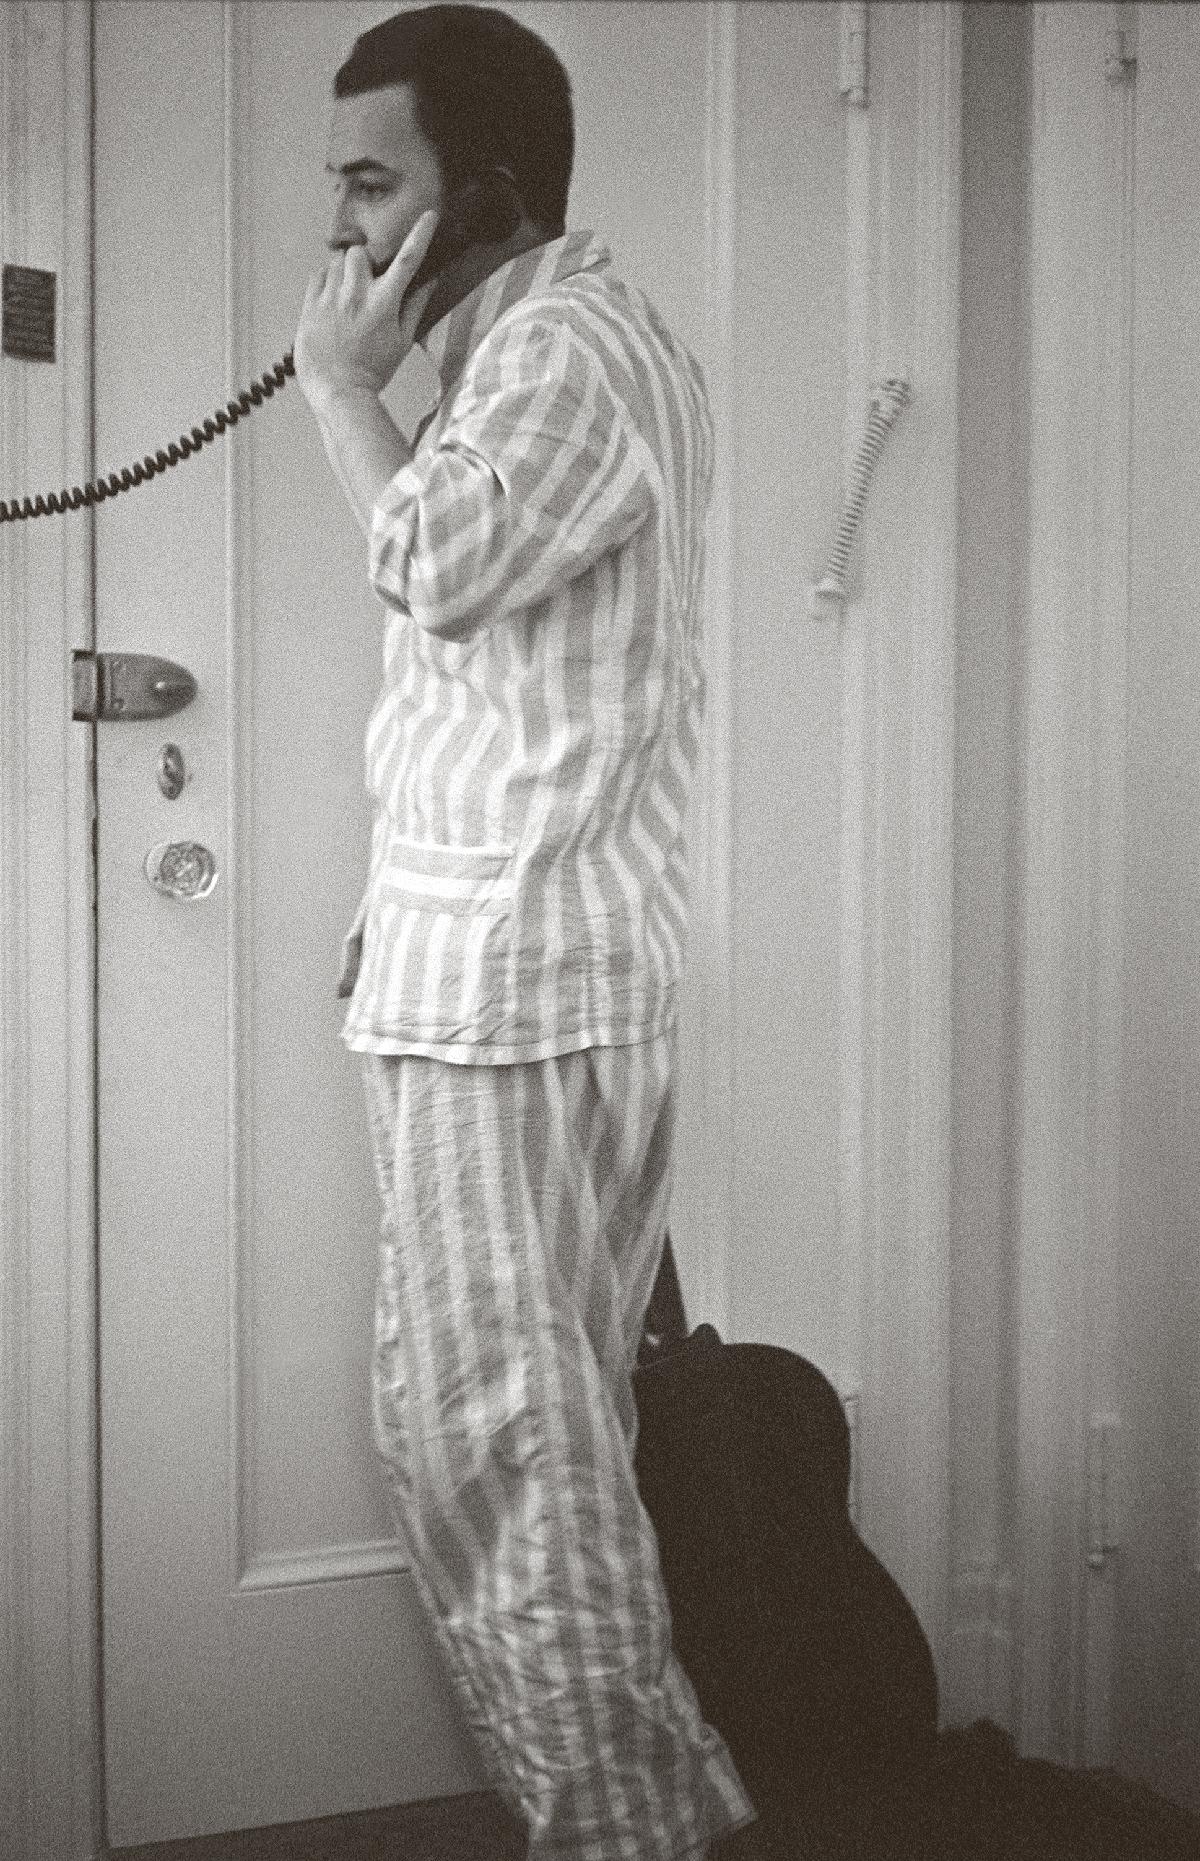 O Opportunity espera lucrar com o relançamento dos primeiros discos de João Gilberto; mesmo depois de aceitar receber 10 milhões do banco, o cantor hesita